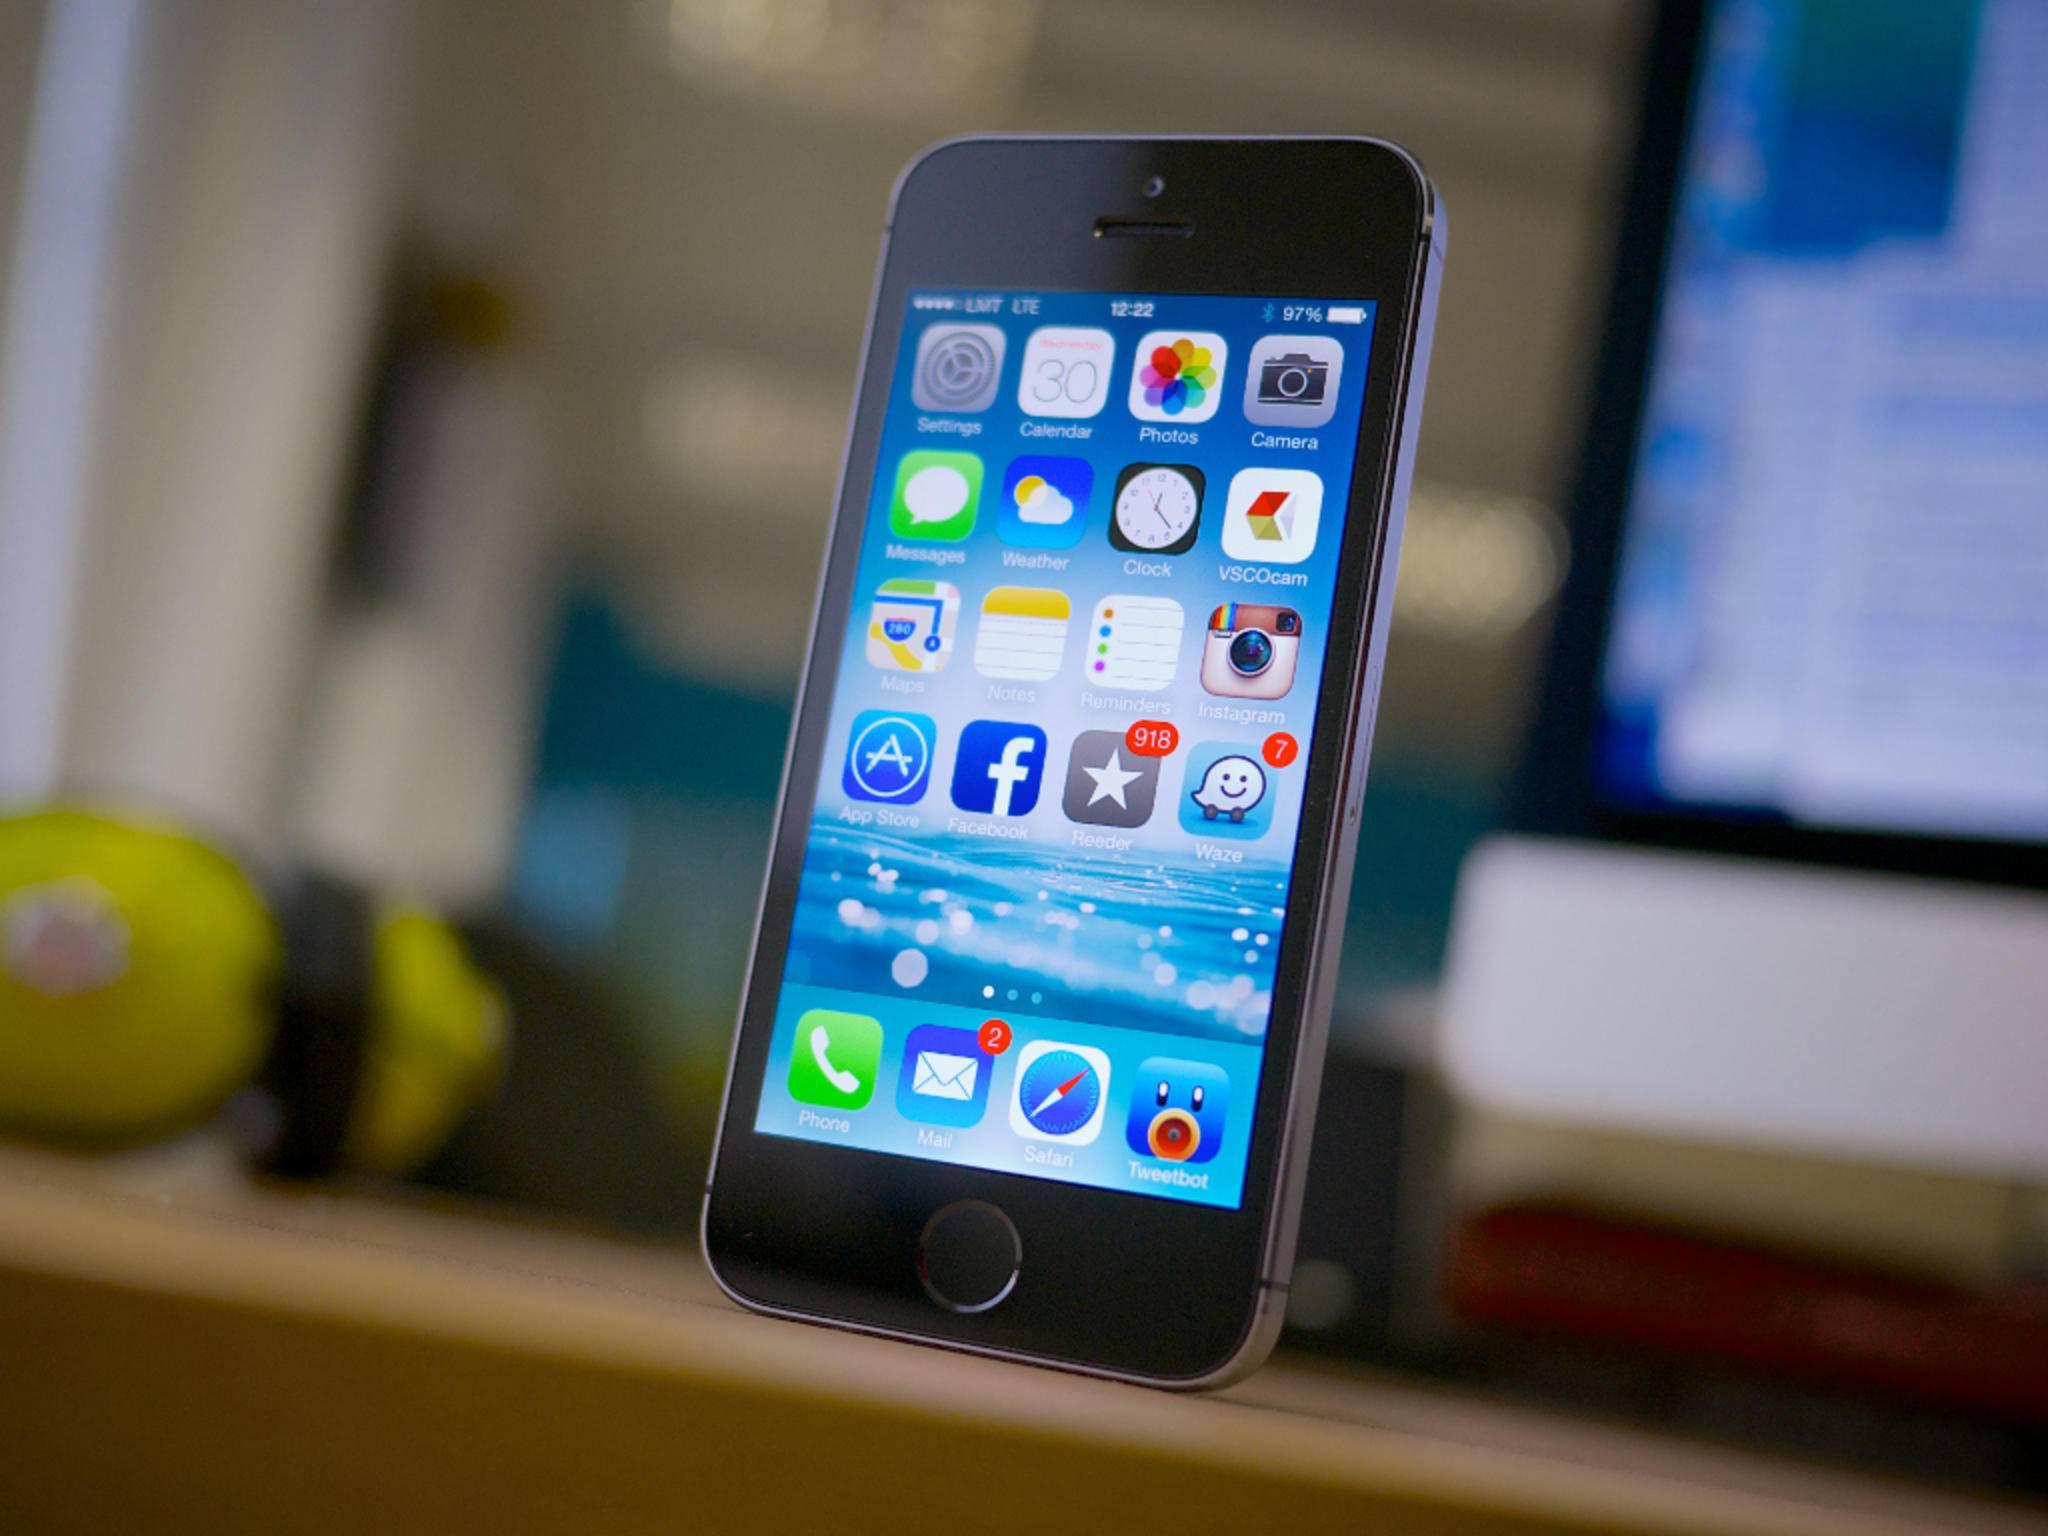 Nicht nur das iPhone 5s wollte der Hongkonger nach China schmuggeln, auch iPhone 6 und 6 Plus hatte er dabei.